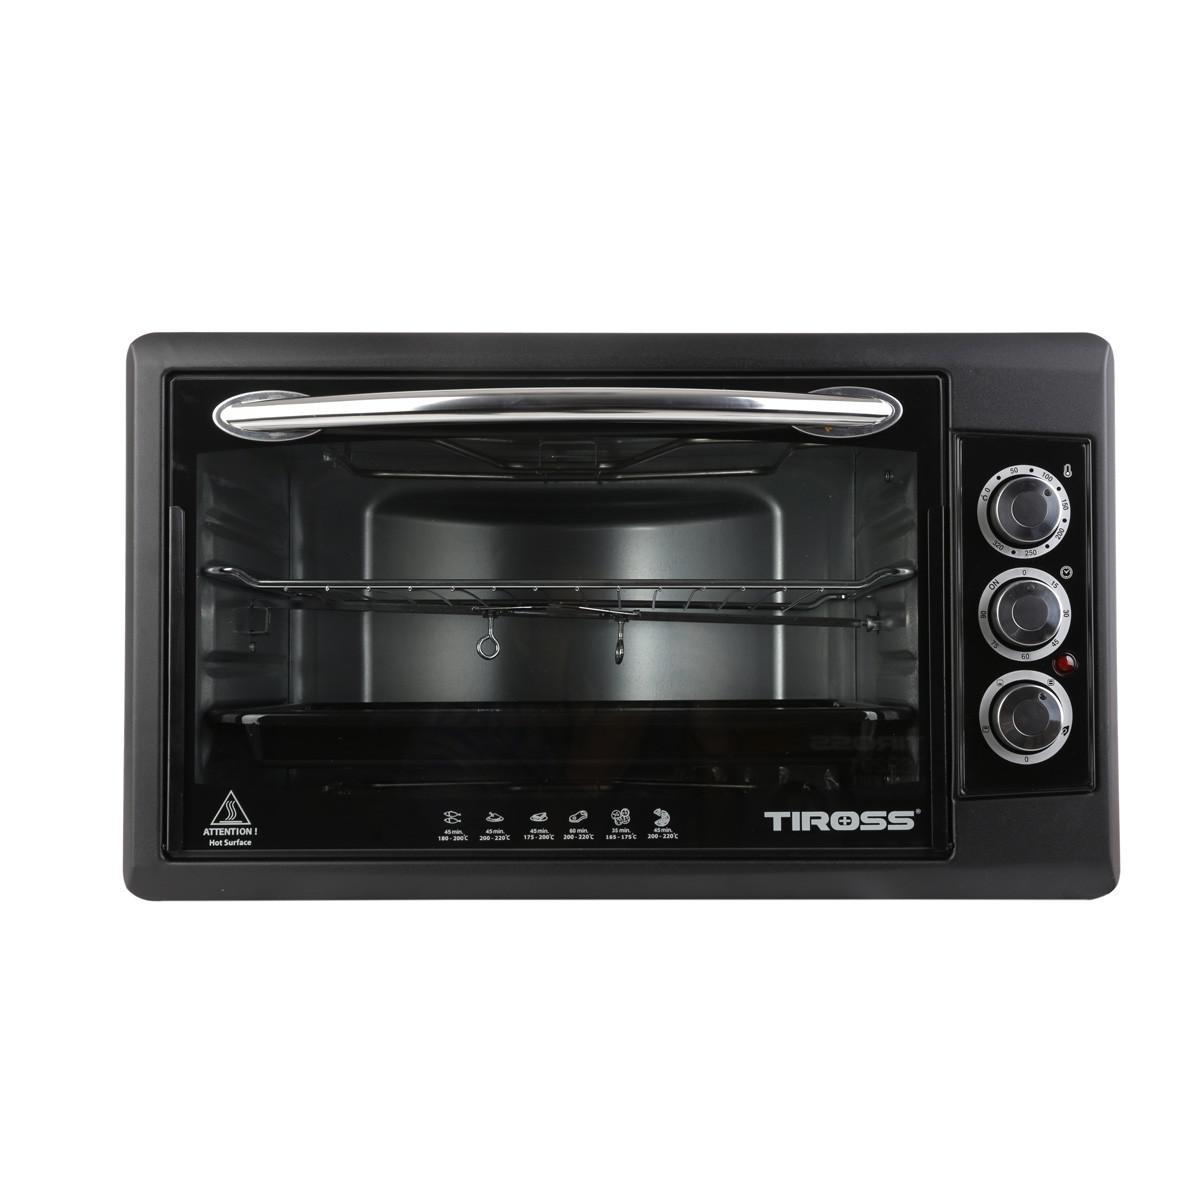 Lò nướng Tiross 50L TS9603